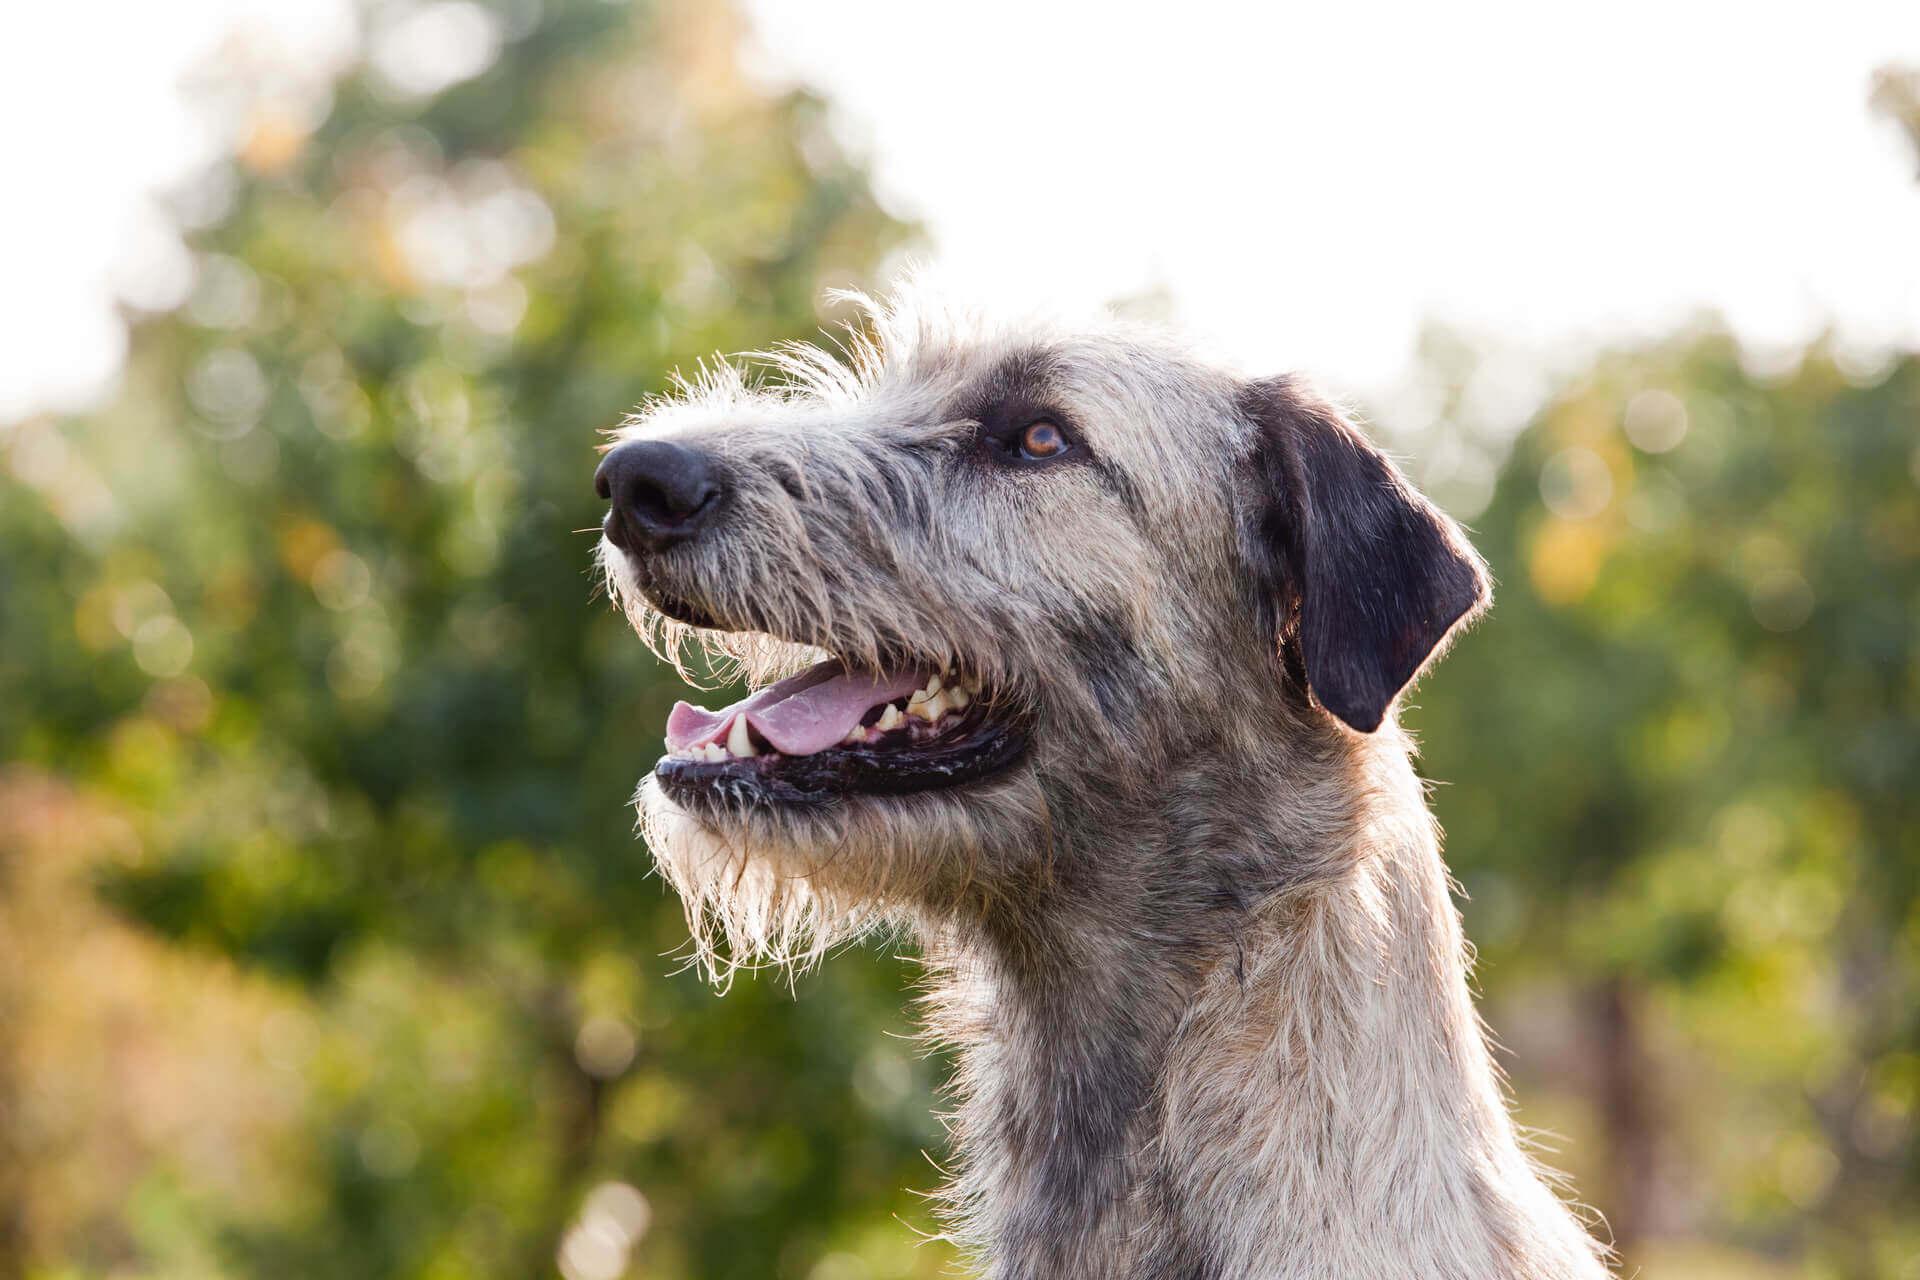 Hundejahre in Menschenjahre umrechnen: Wie alt ist dein Hund wirklich?